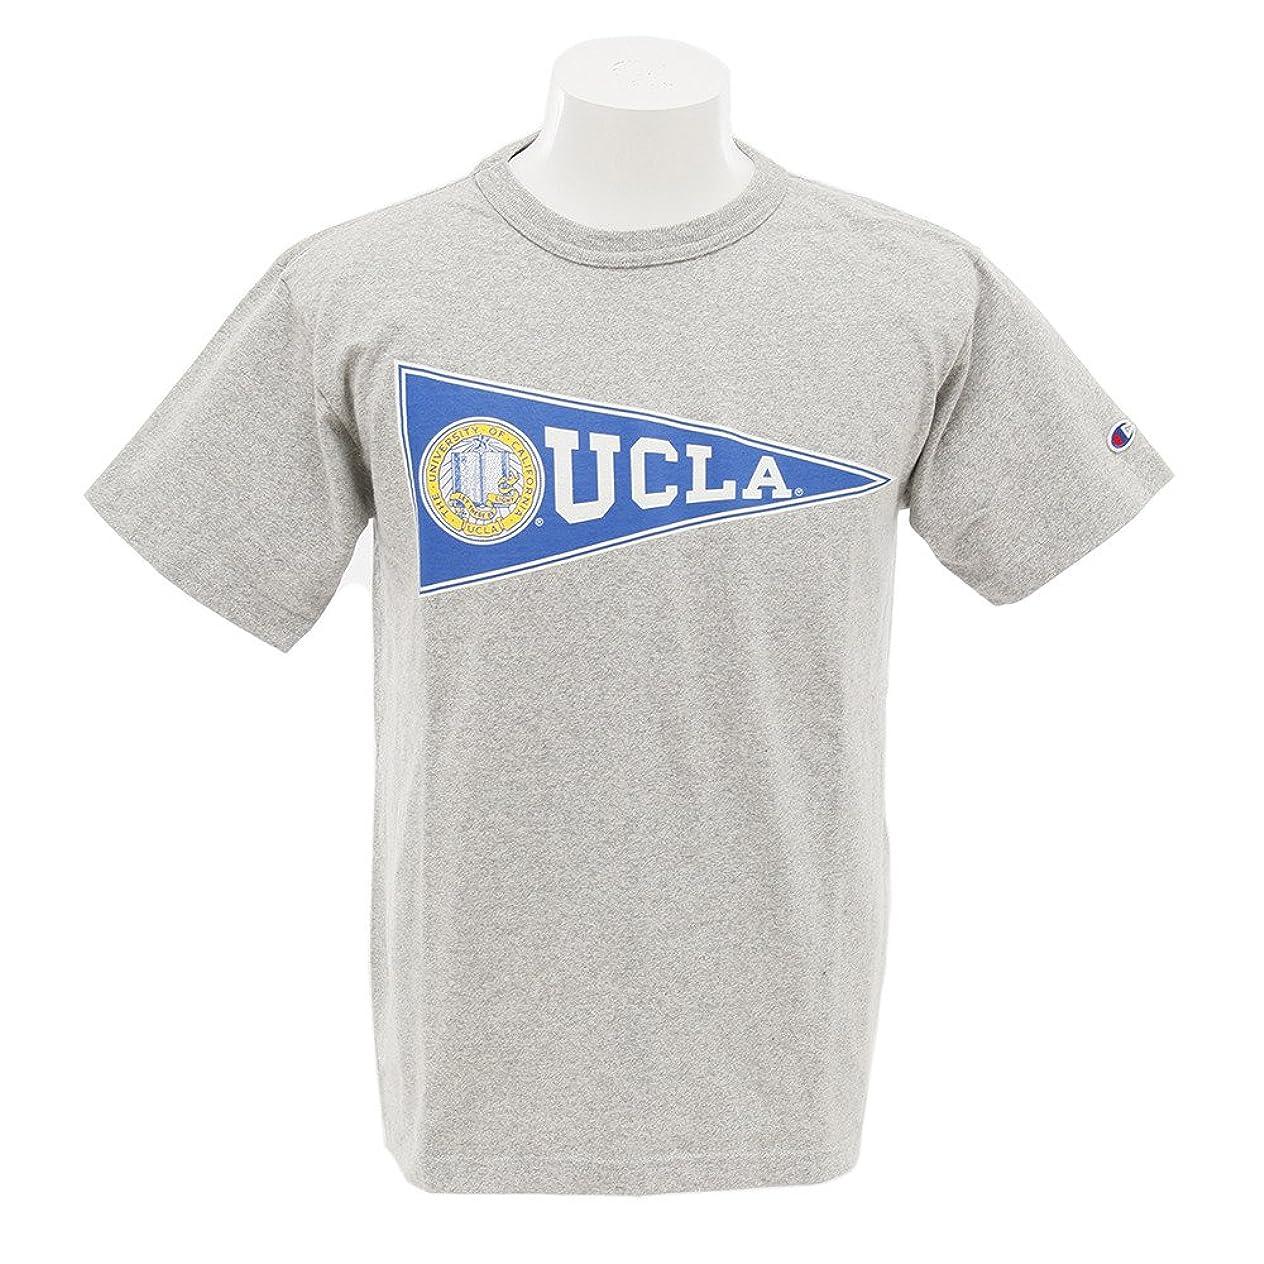 サッカーだらしない印をつける[チャンピオン] T1011 US Tシャツ MADE IN USA C5-K303